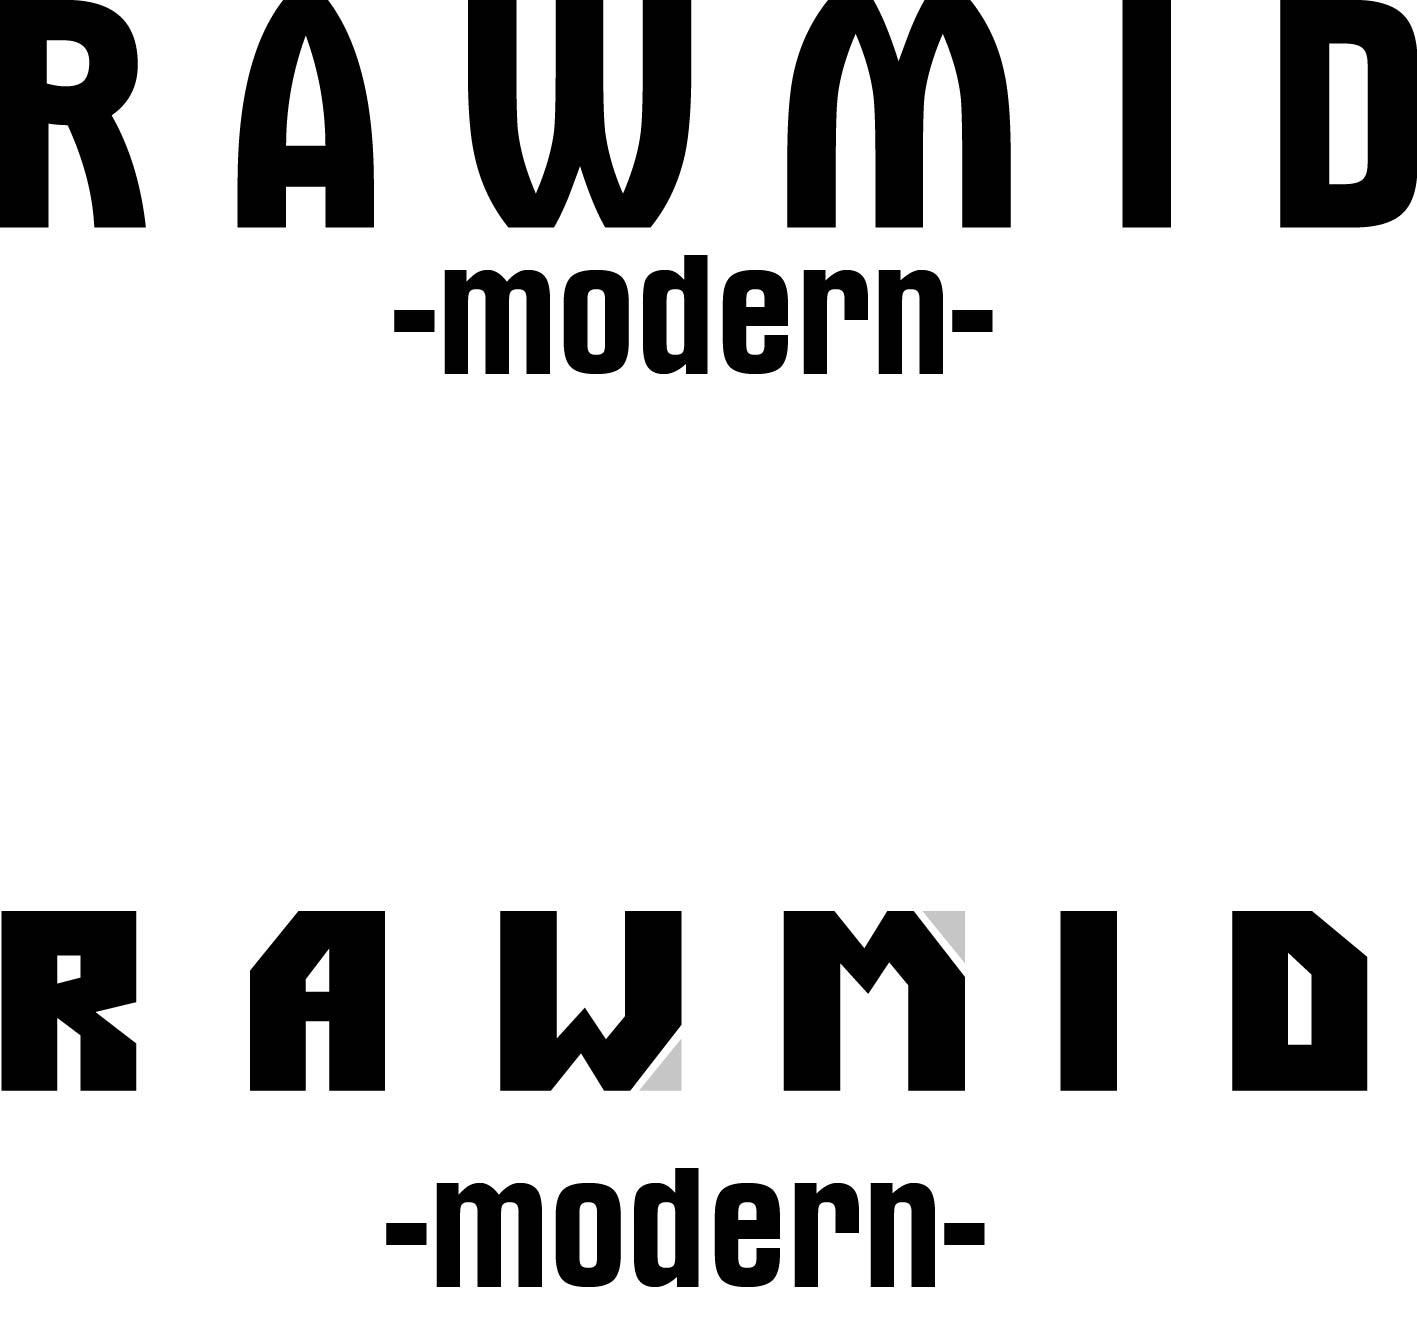 Создать логотип (буквенная часть) для бренда бытовой техники фото f_1225b3f19dbc7346.jpg